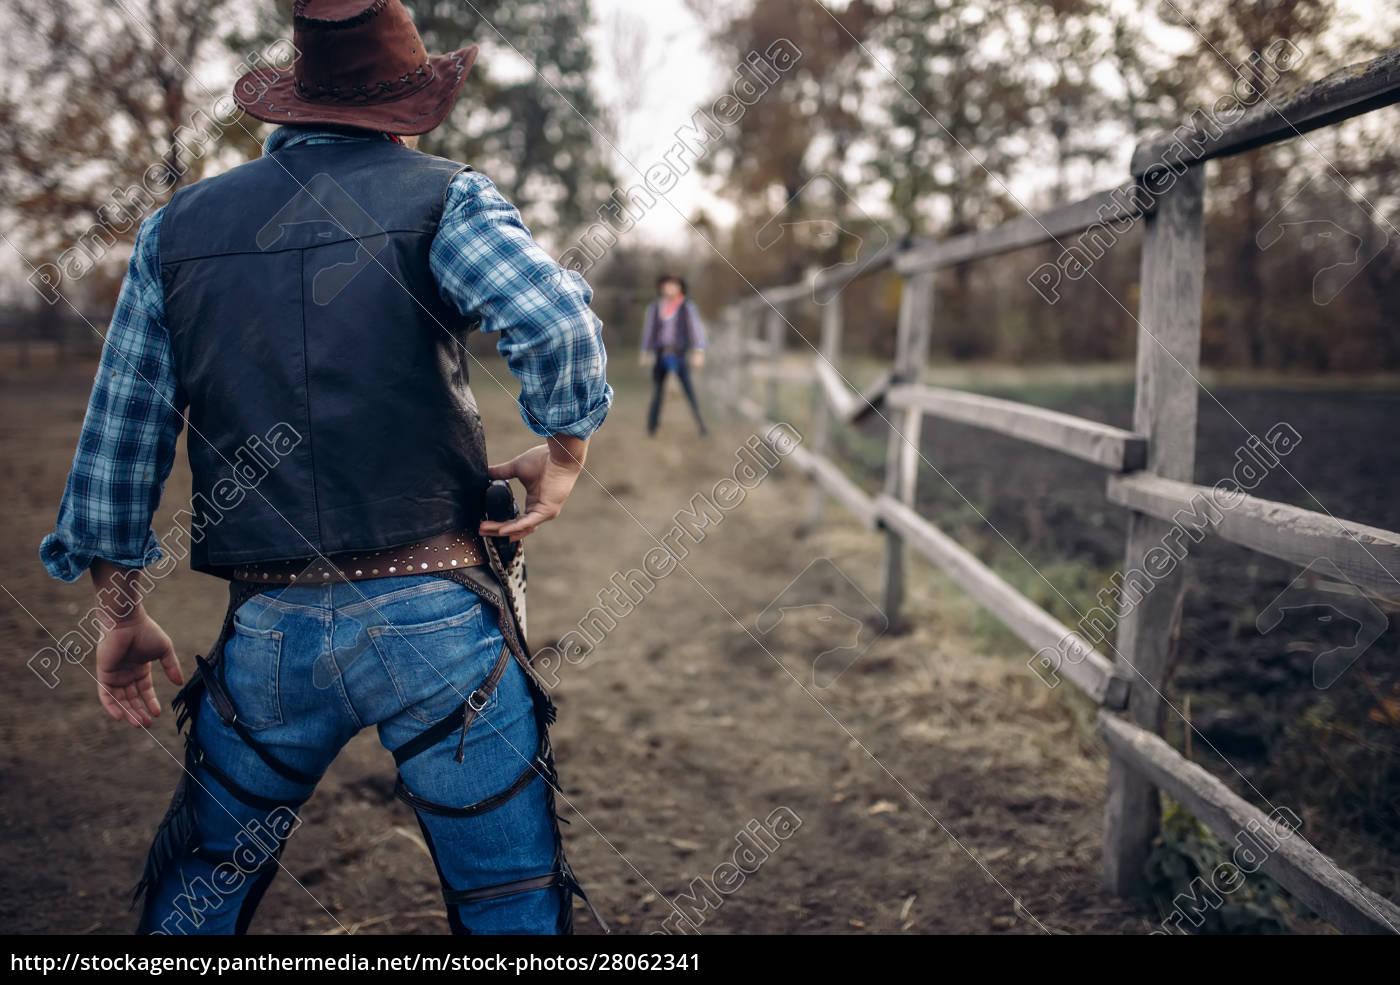 cowboy, with, gun, prepares, to, gunfight, - 28062341